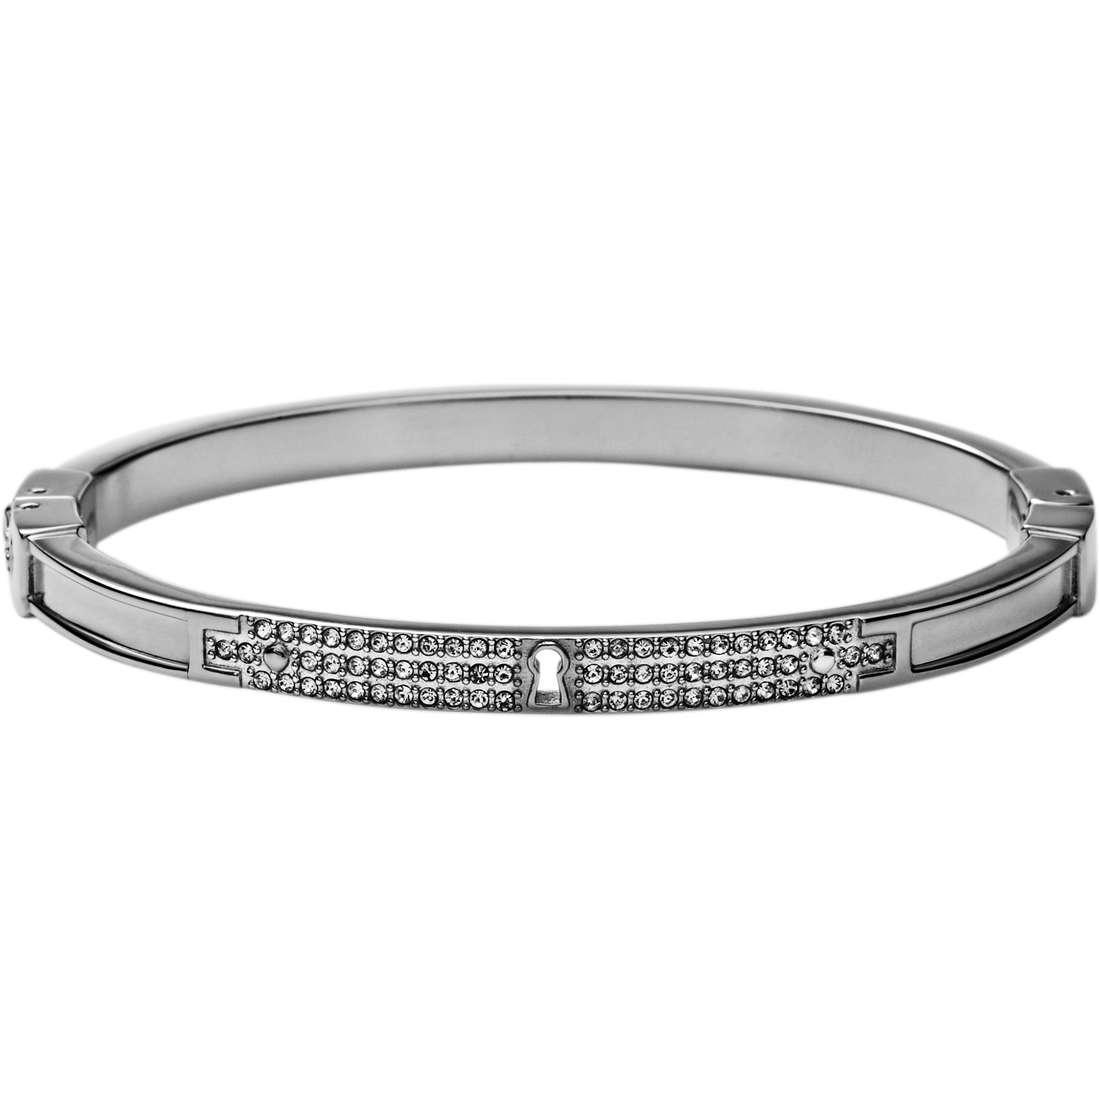 bracelet woman jewellery Fossil JF00195040